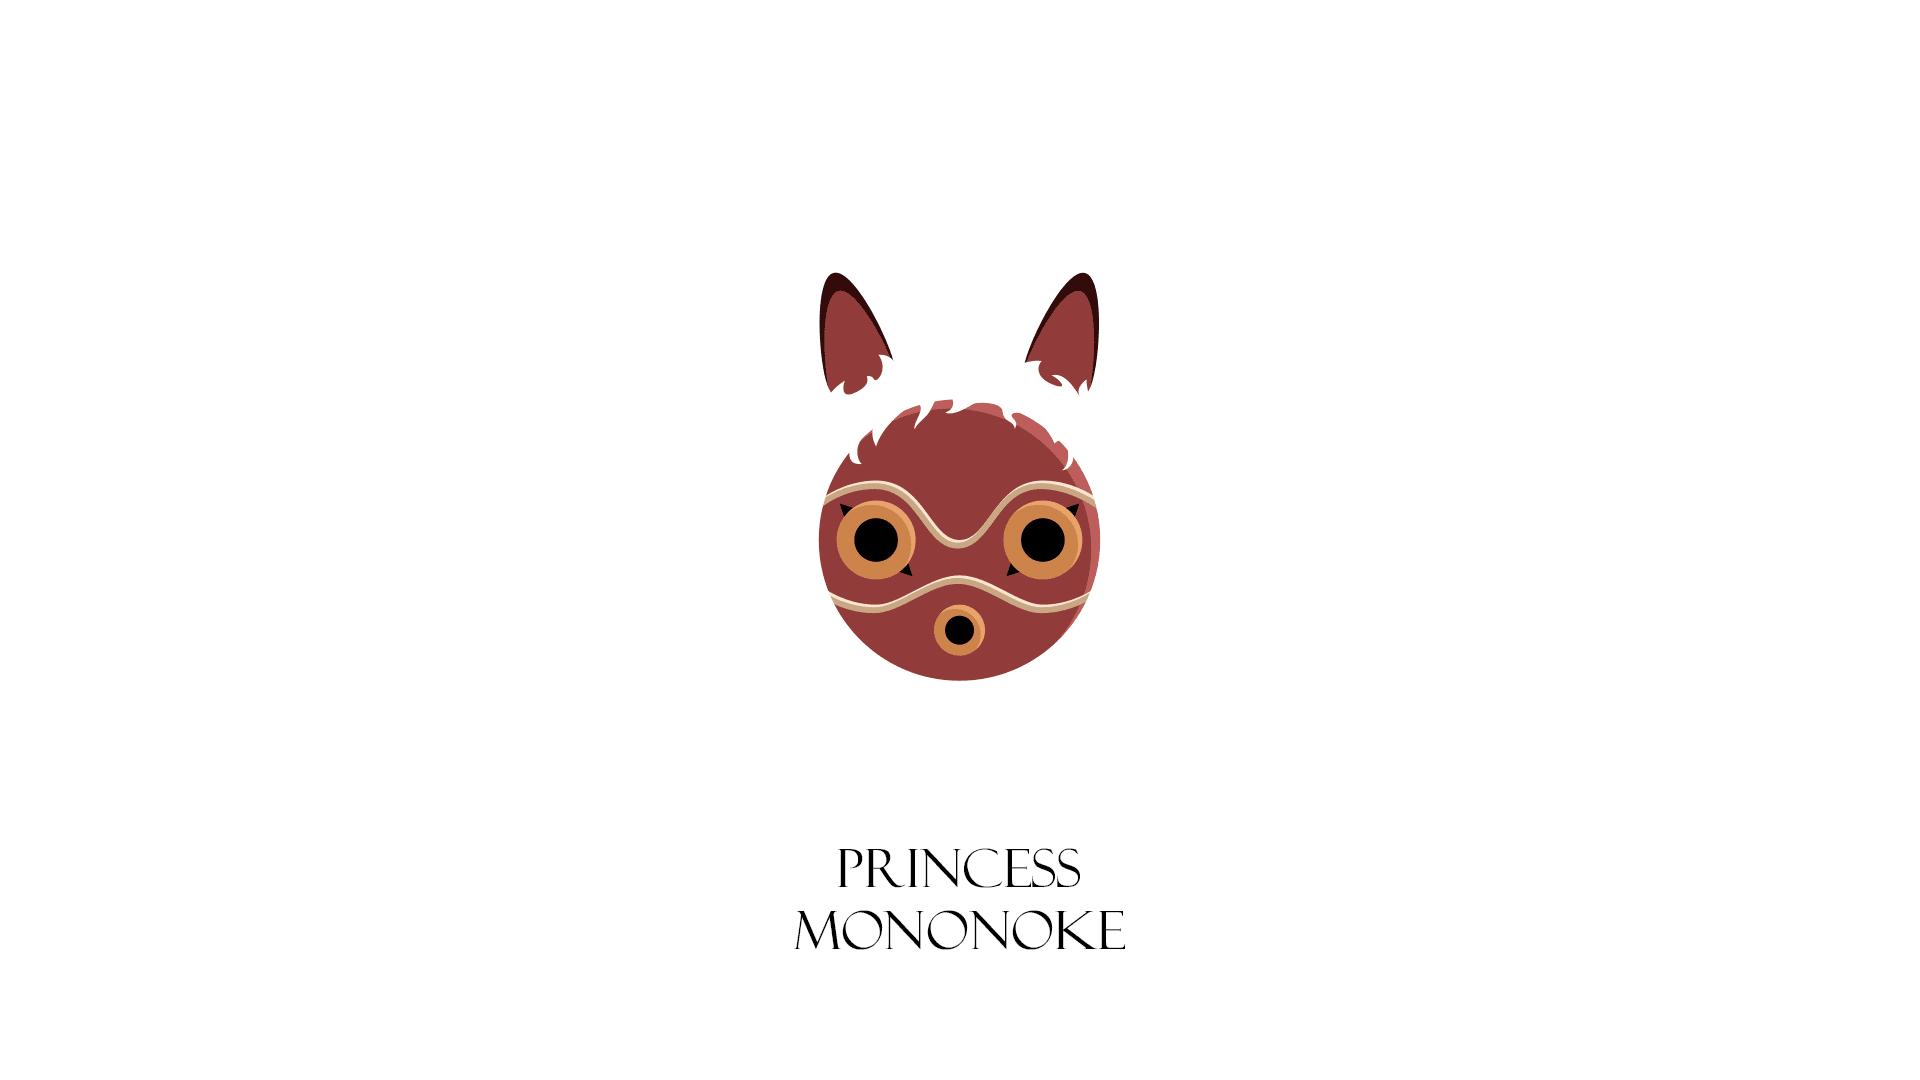 Princess Mononoke Hindi Dubbed